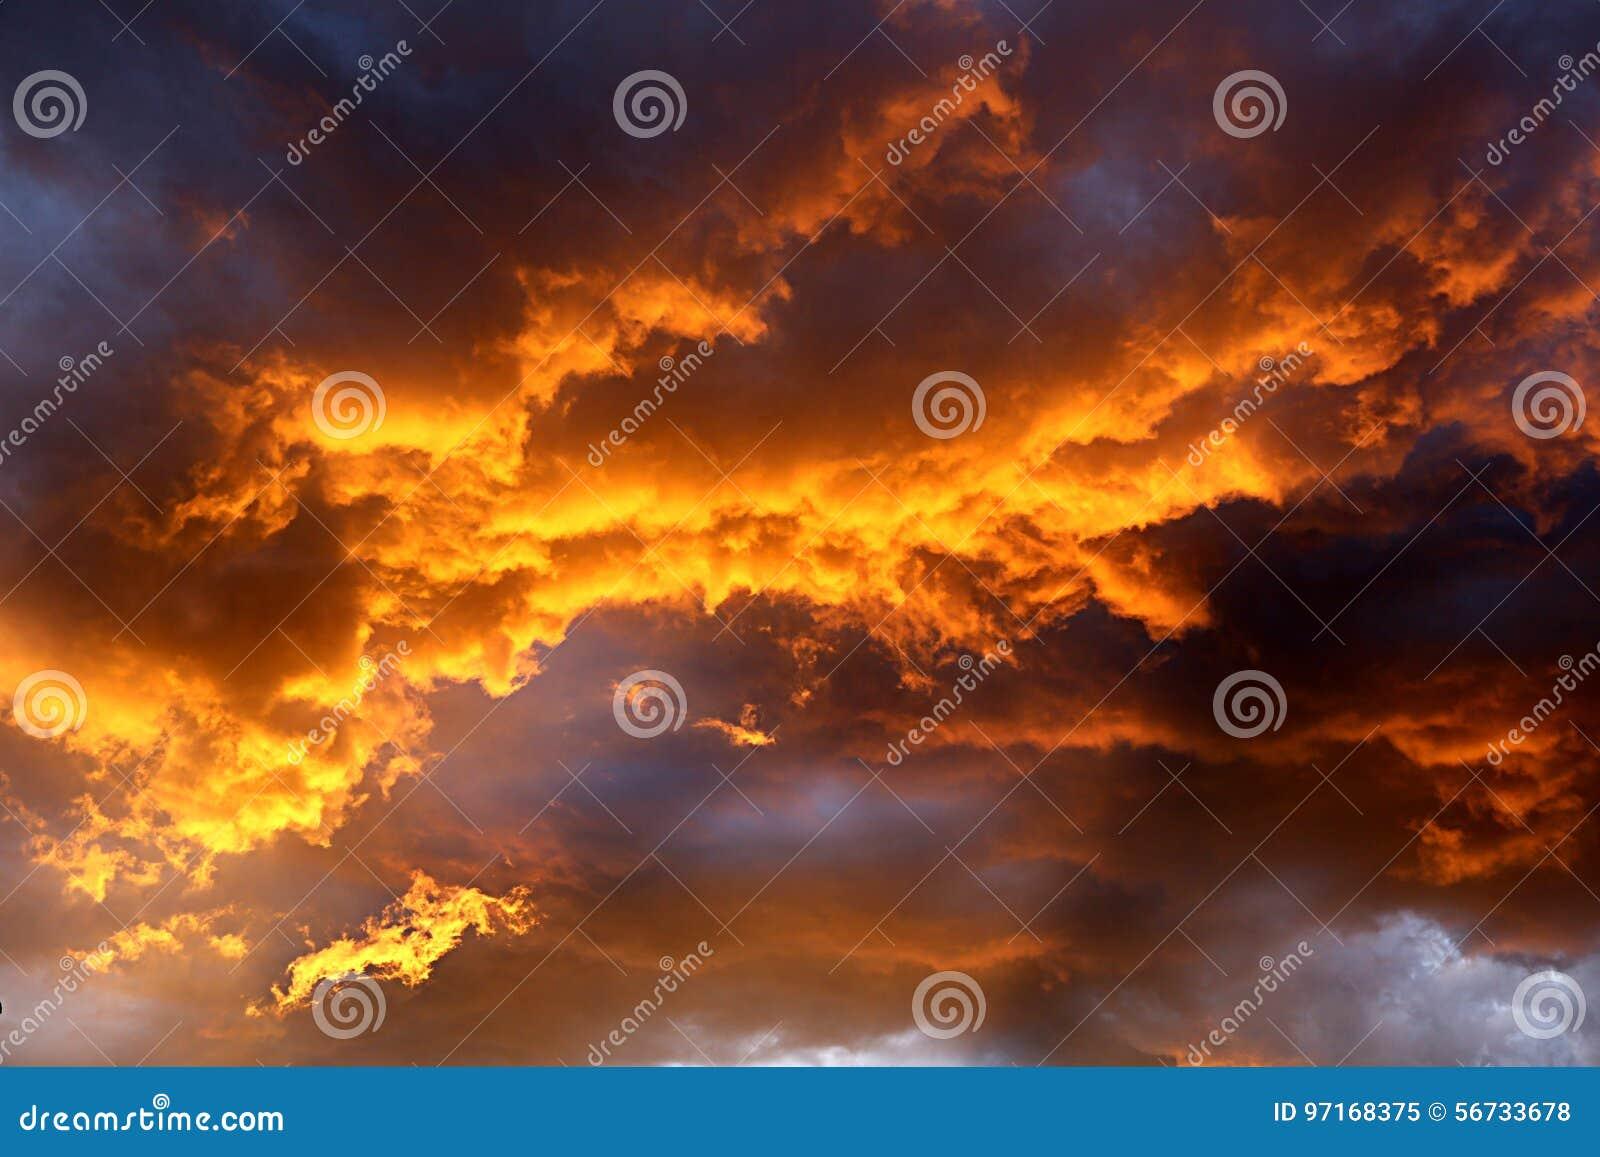 Feuer im Himmel